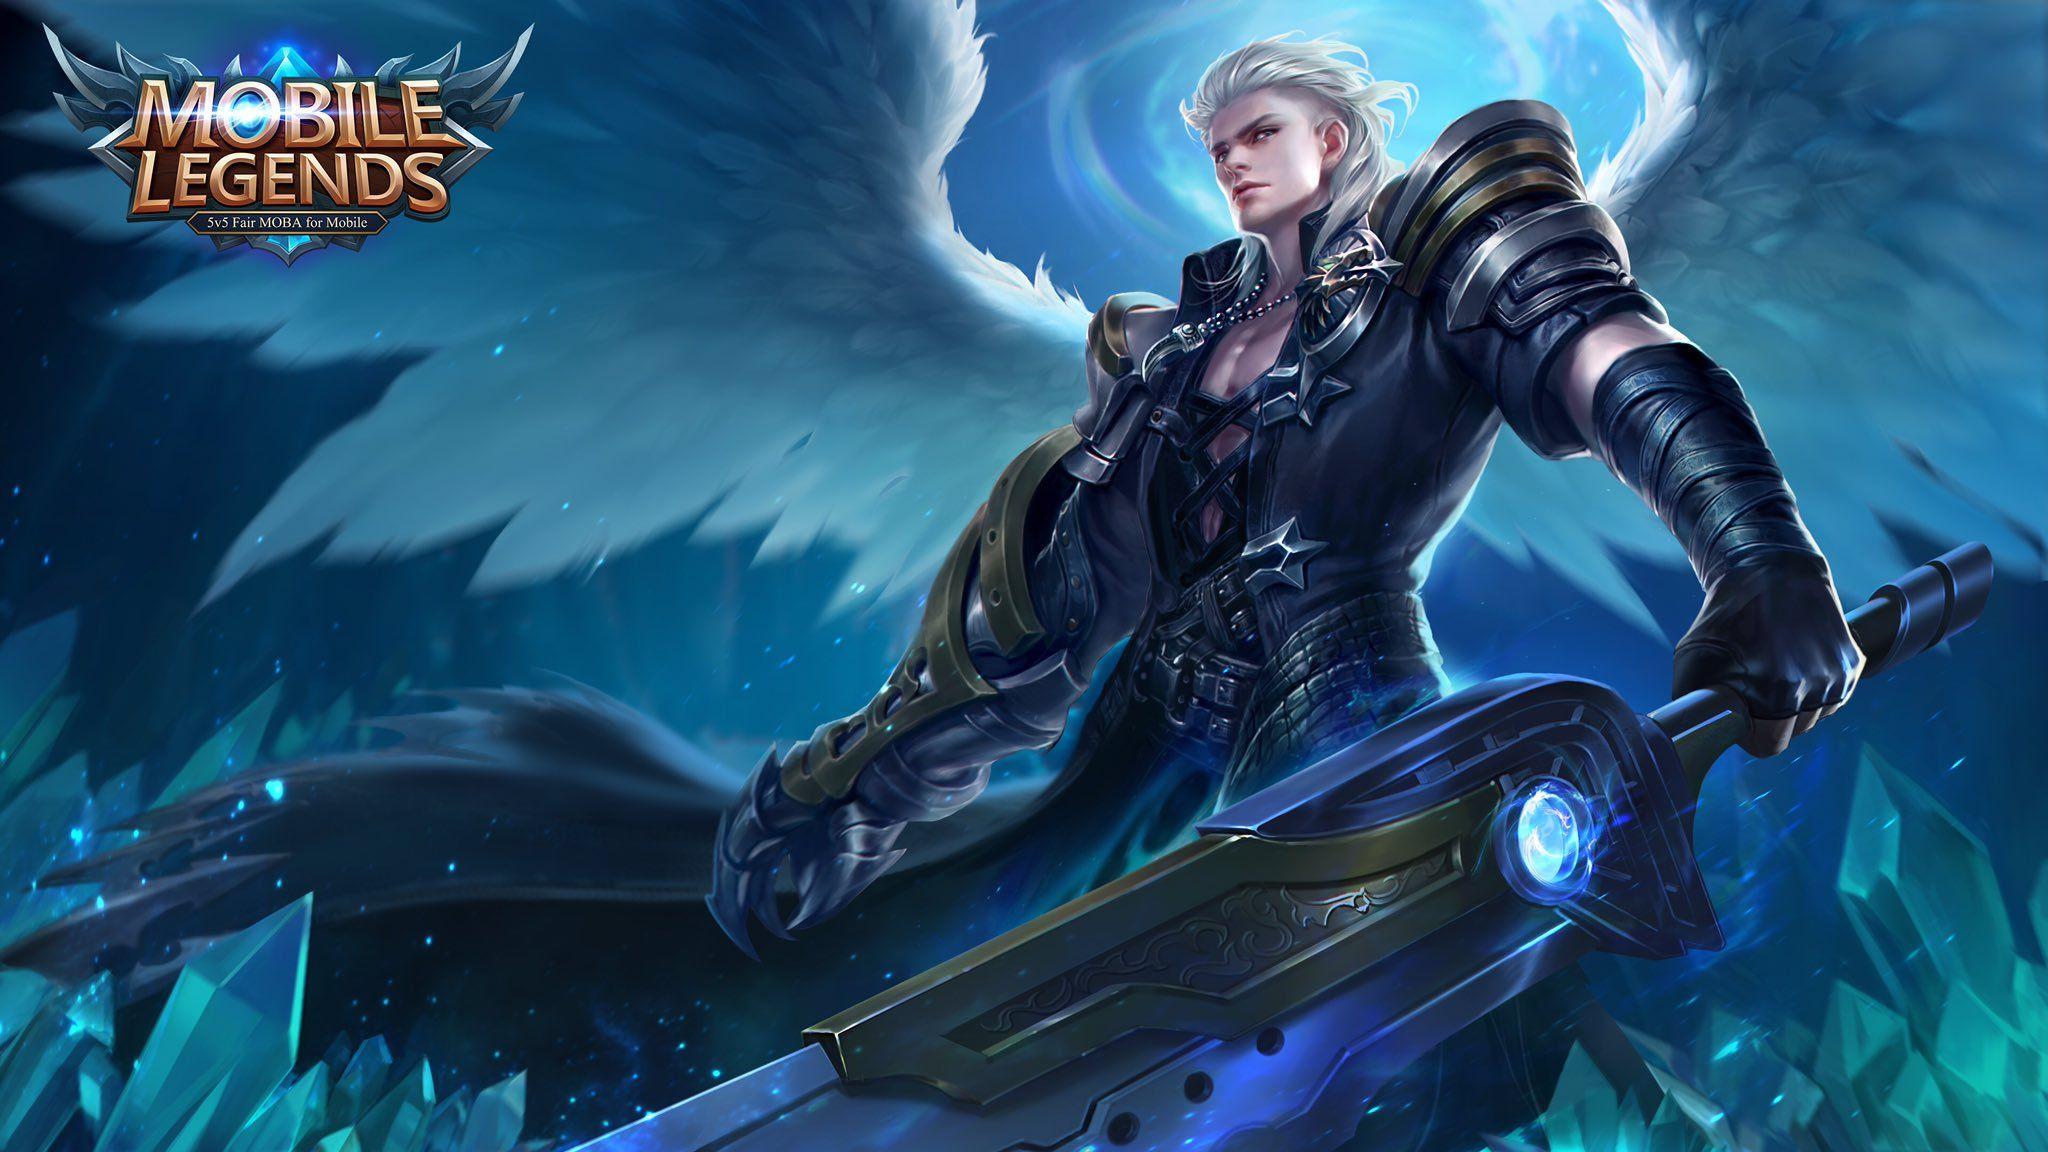 Mobile Legends Kini Resmi Dibeli Oleh TikTok